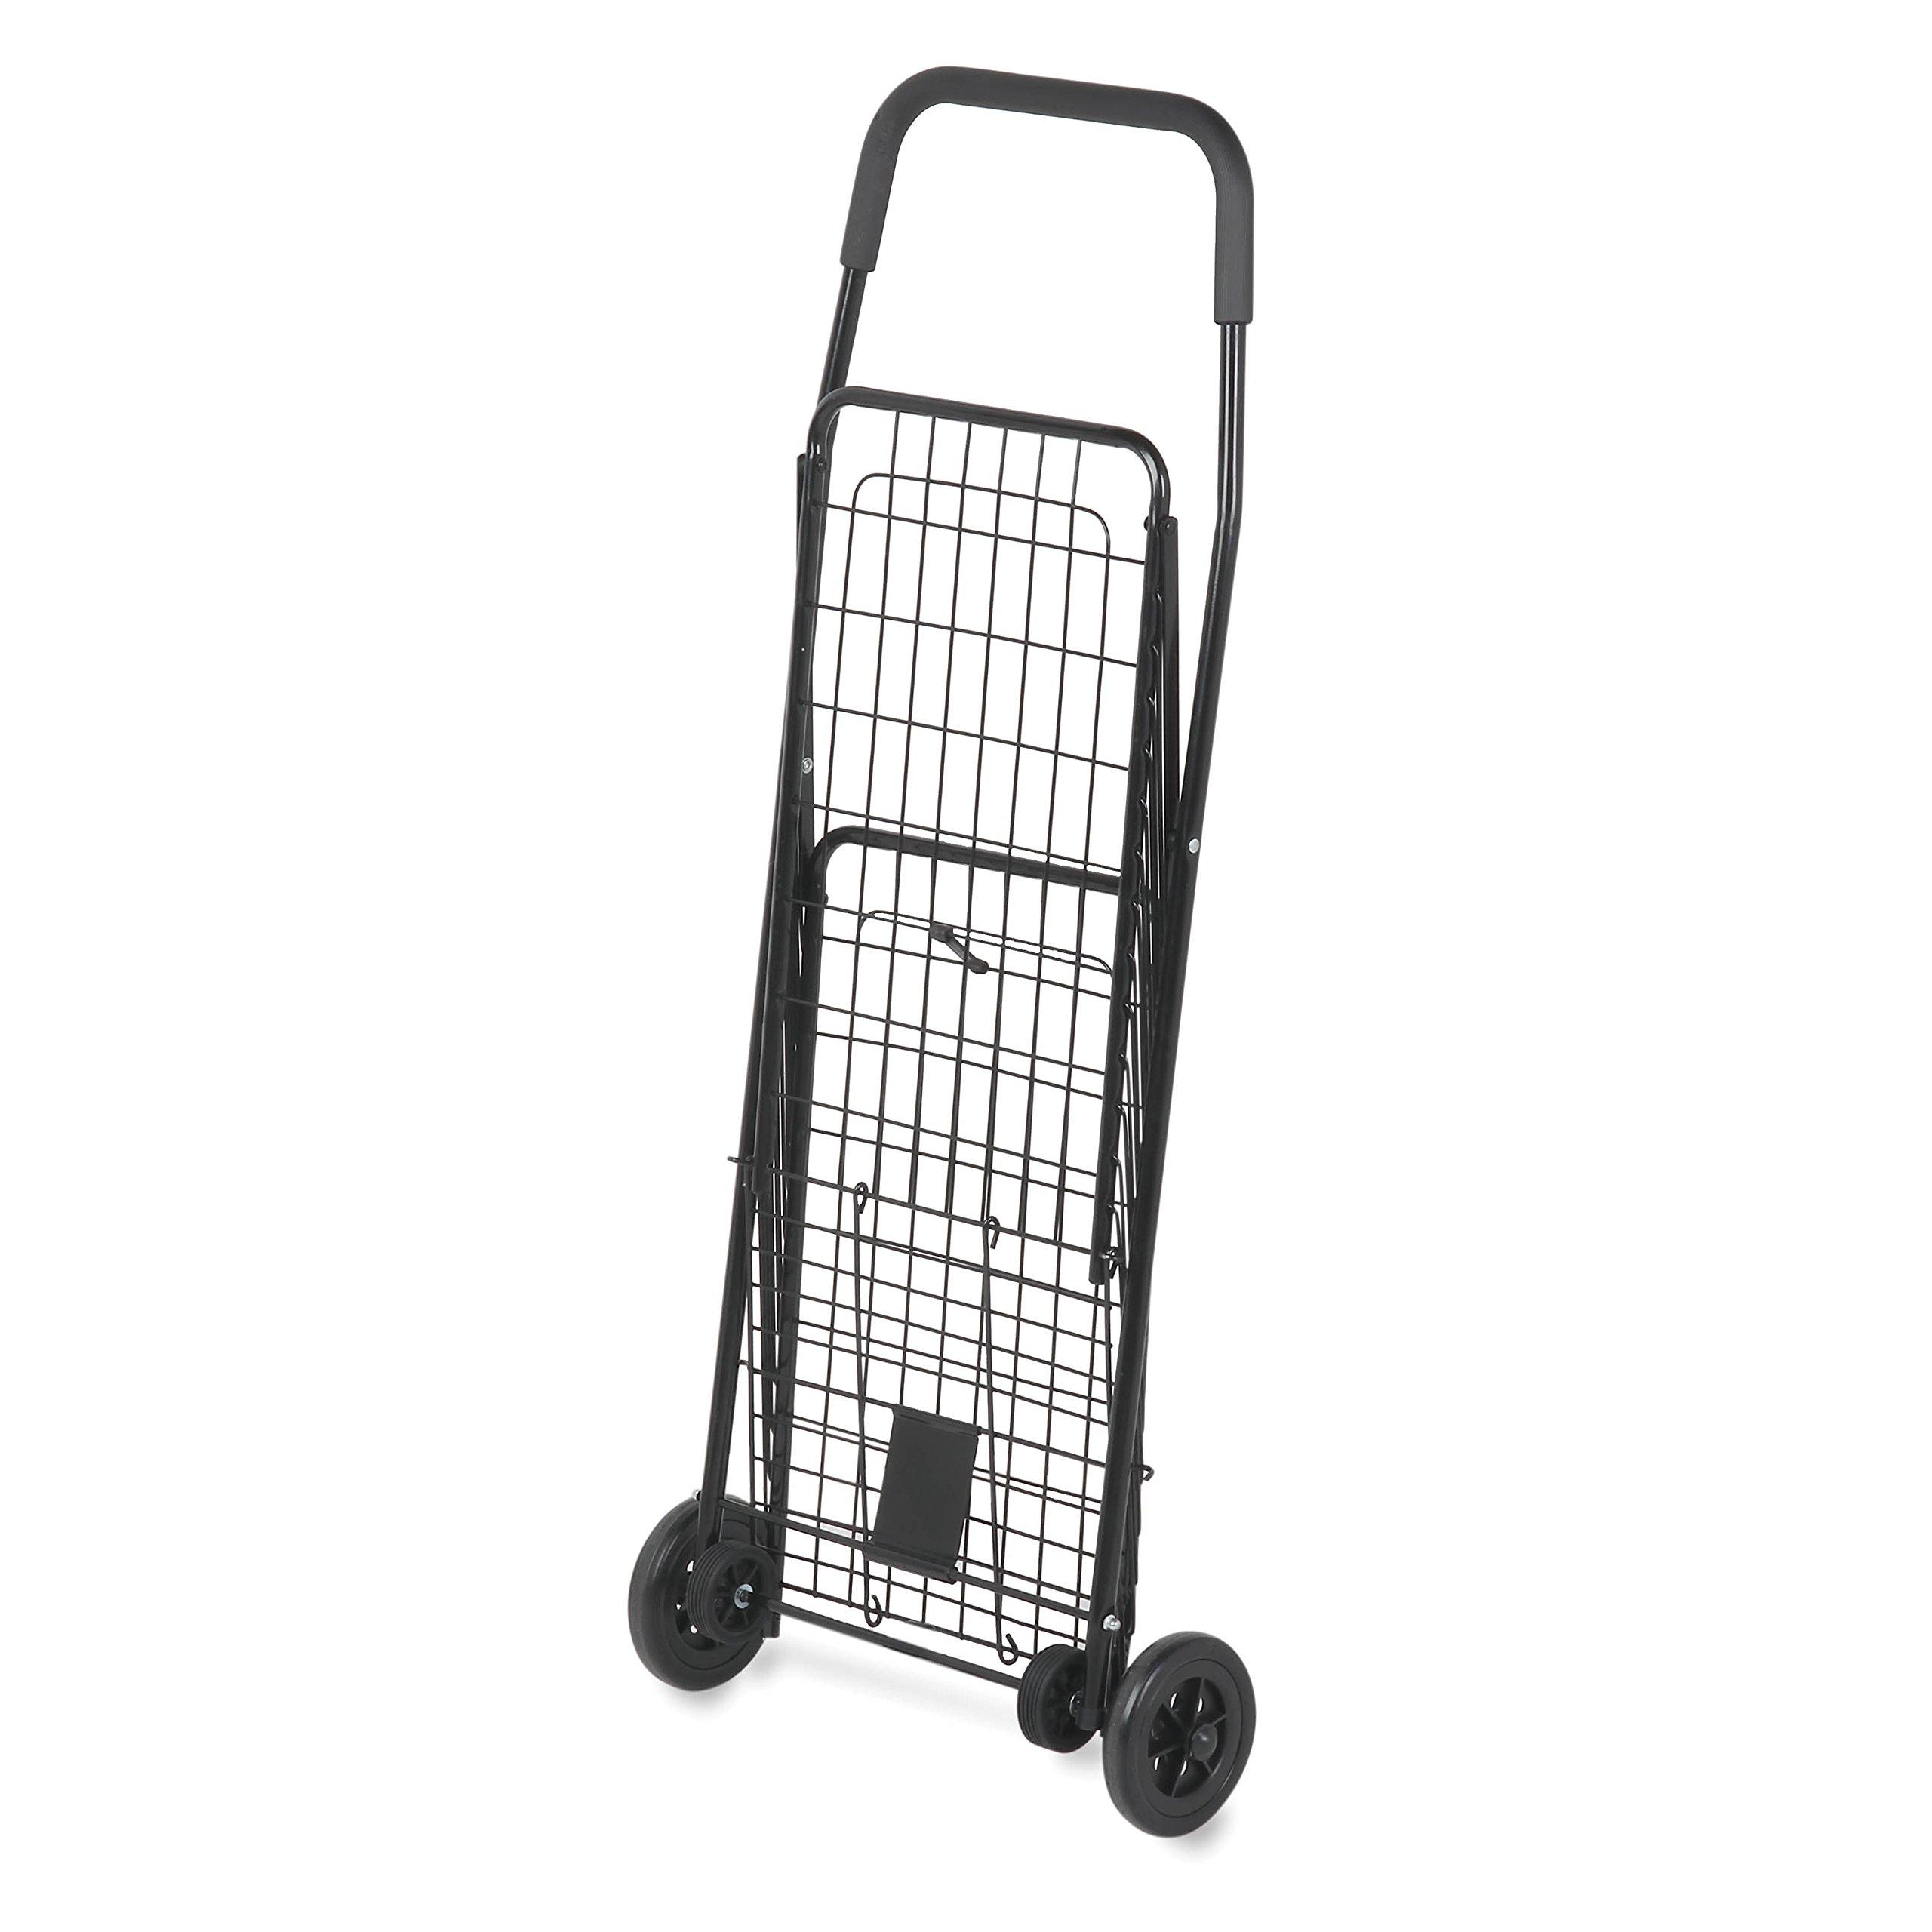 Buy 4 Wheel Super Deluxe Swiveler Shopping Cart Black In